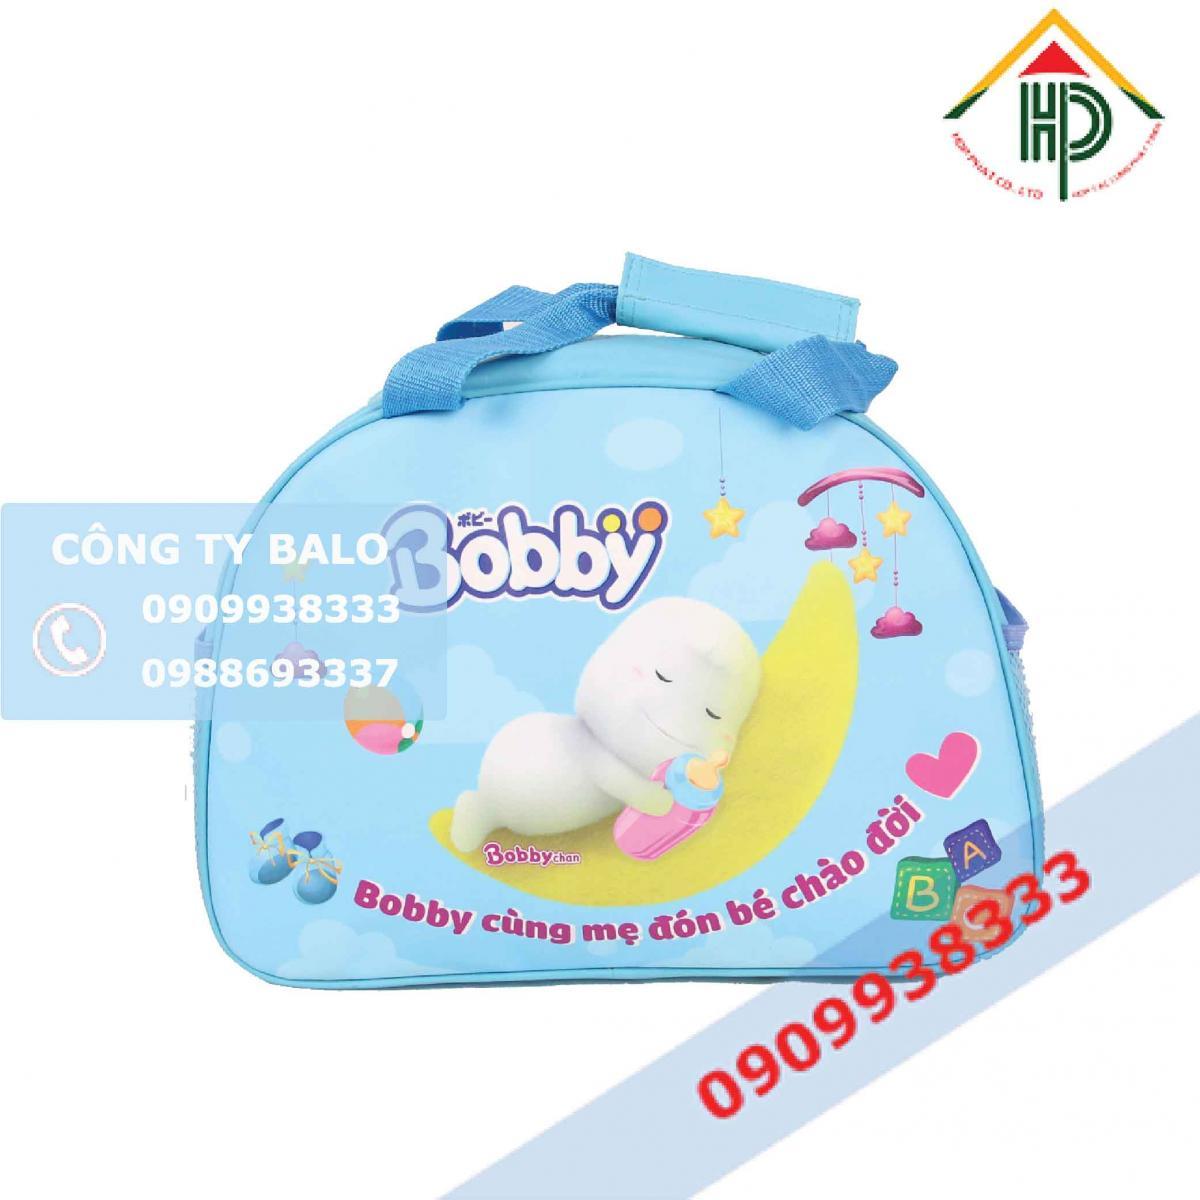 Mặt trước túi xách quà tặng Bobby